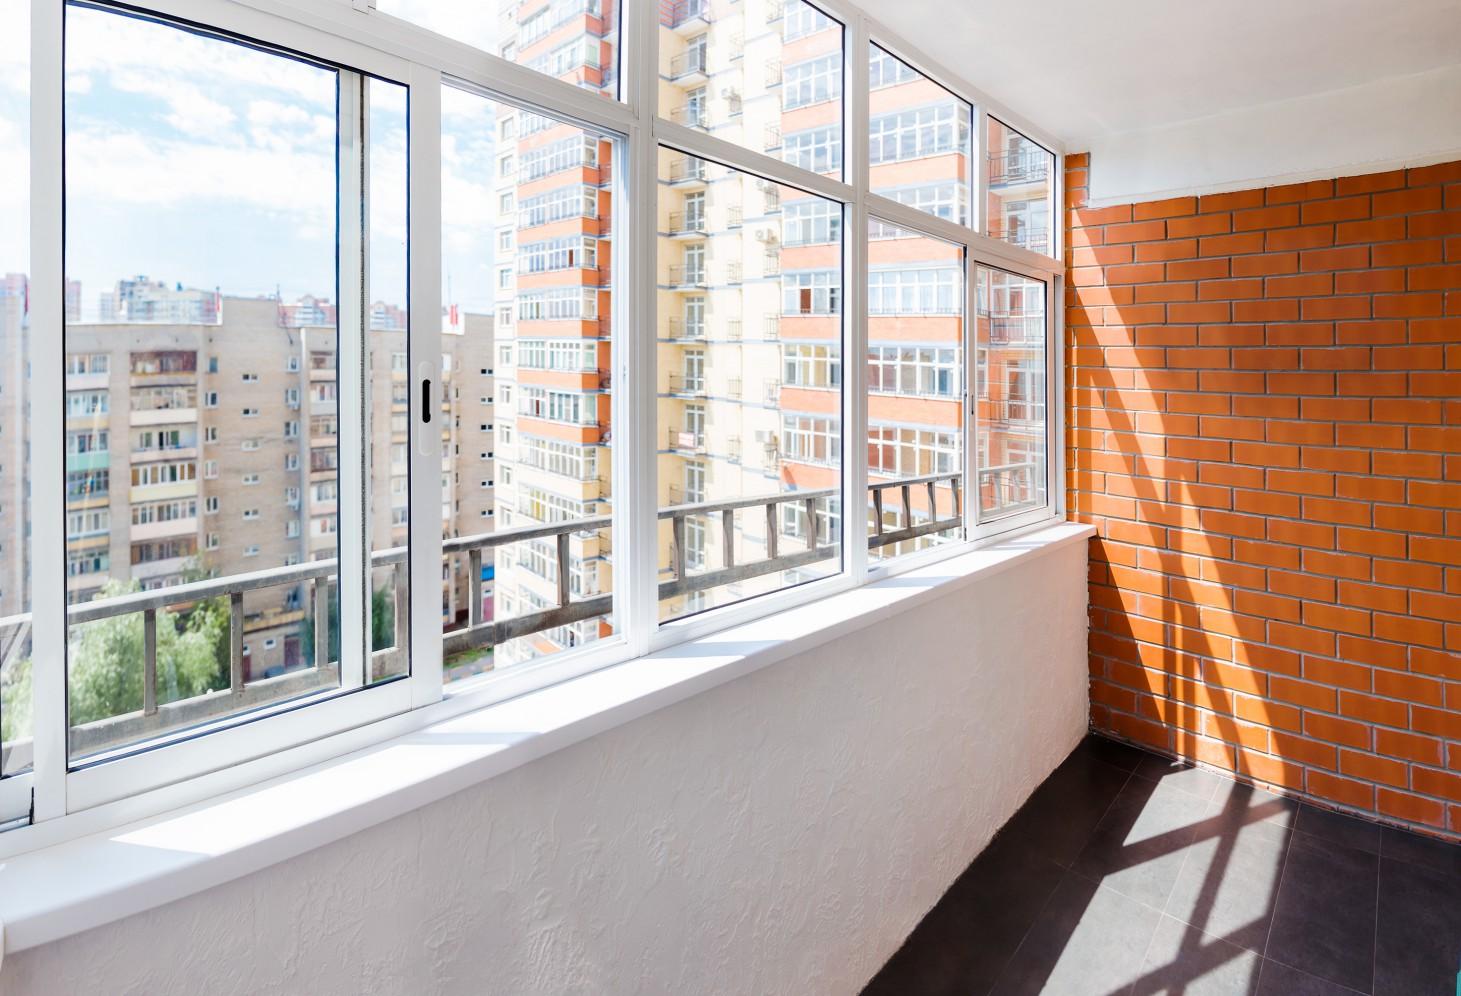 Перепланировка квартиры: что можно и нельзя по закону?